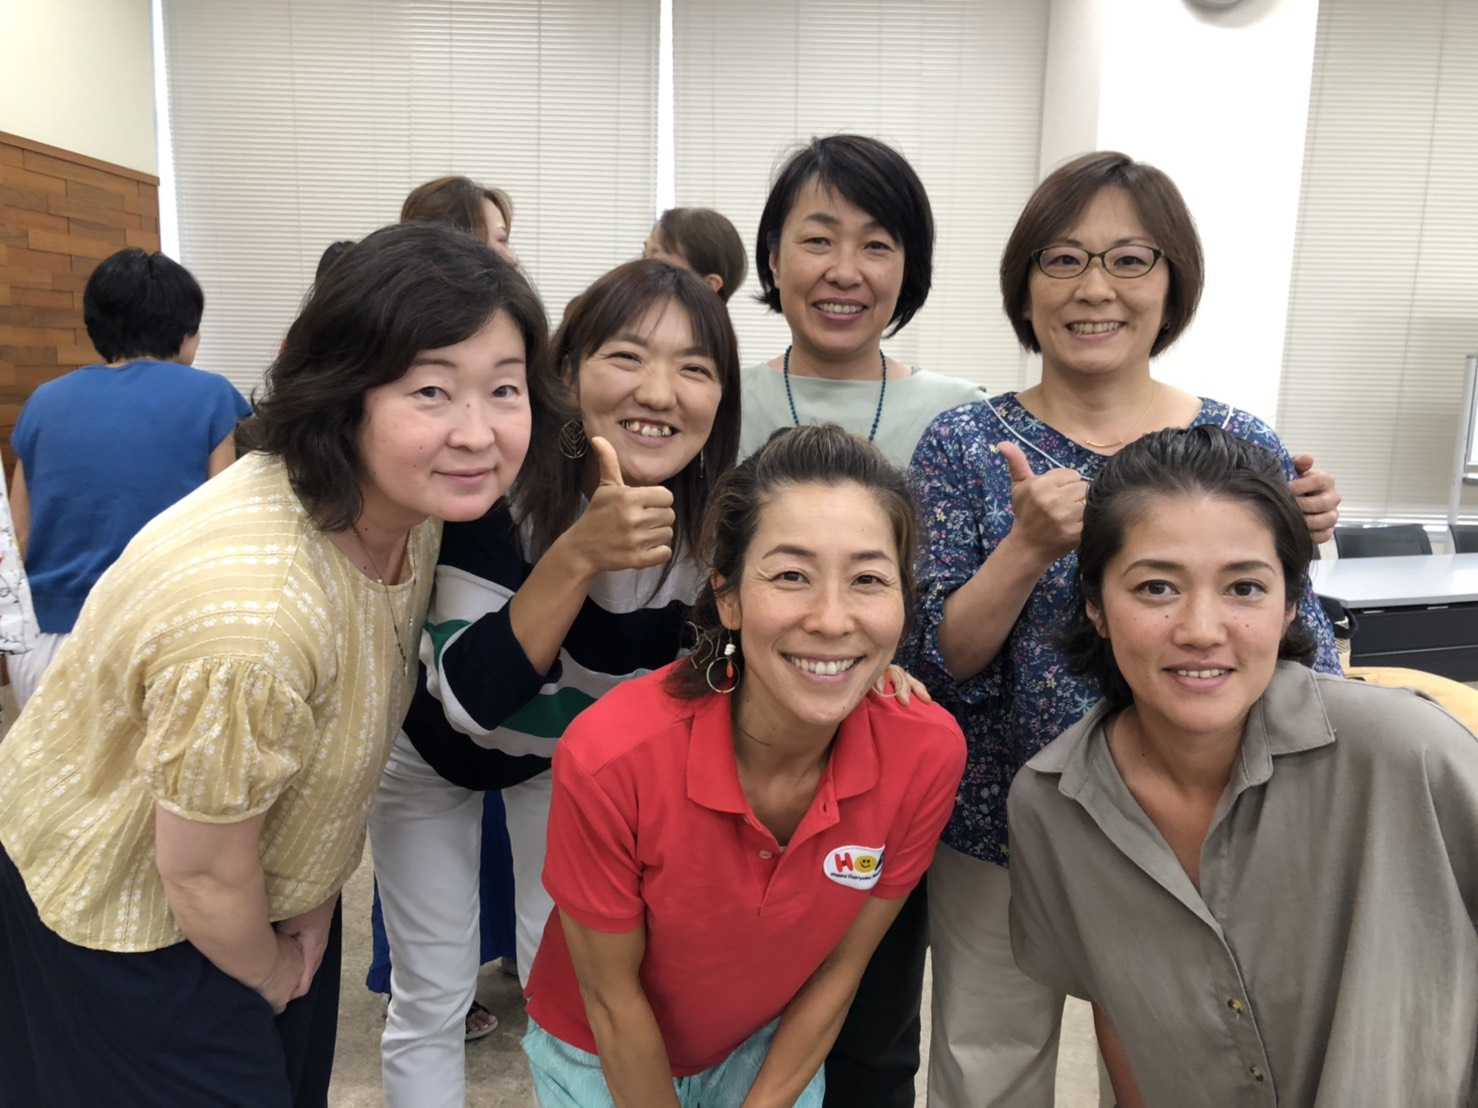 2019.08.27 1010HAPPY藤沢クラス  Bグループ